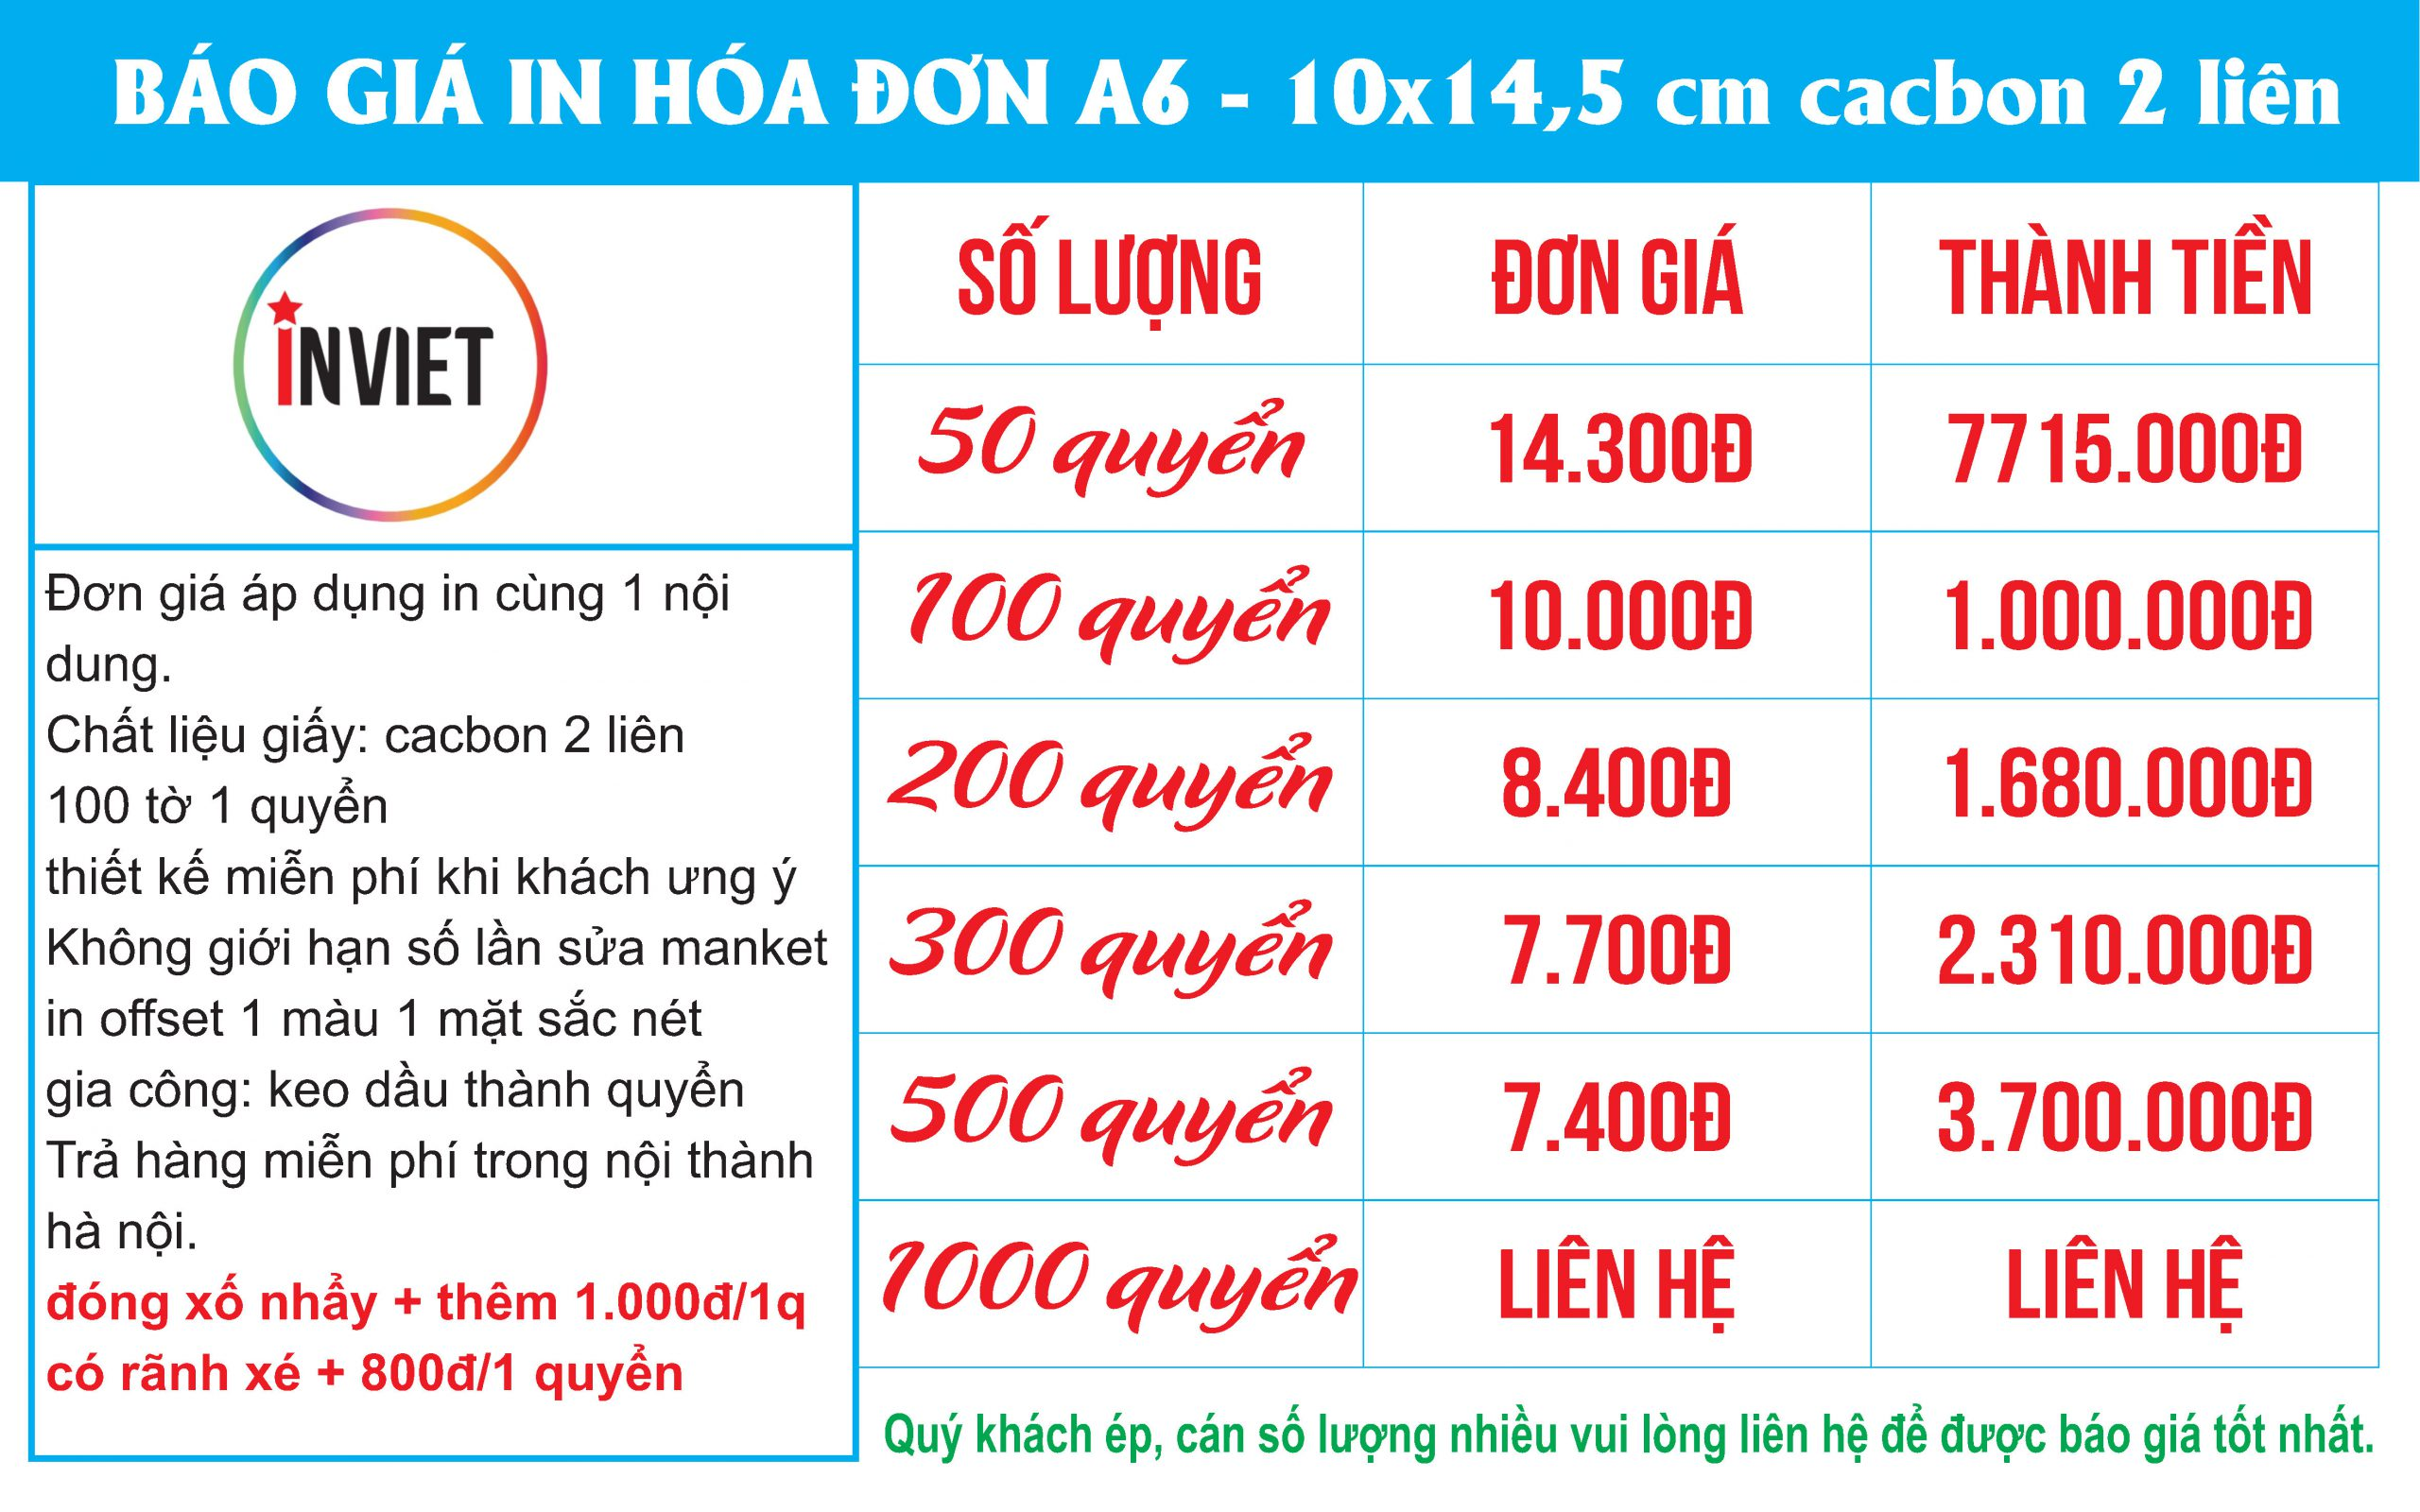 in hóa đơn A6 2 liên giá rẻ nhất tại hà nội